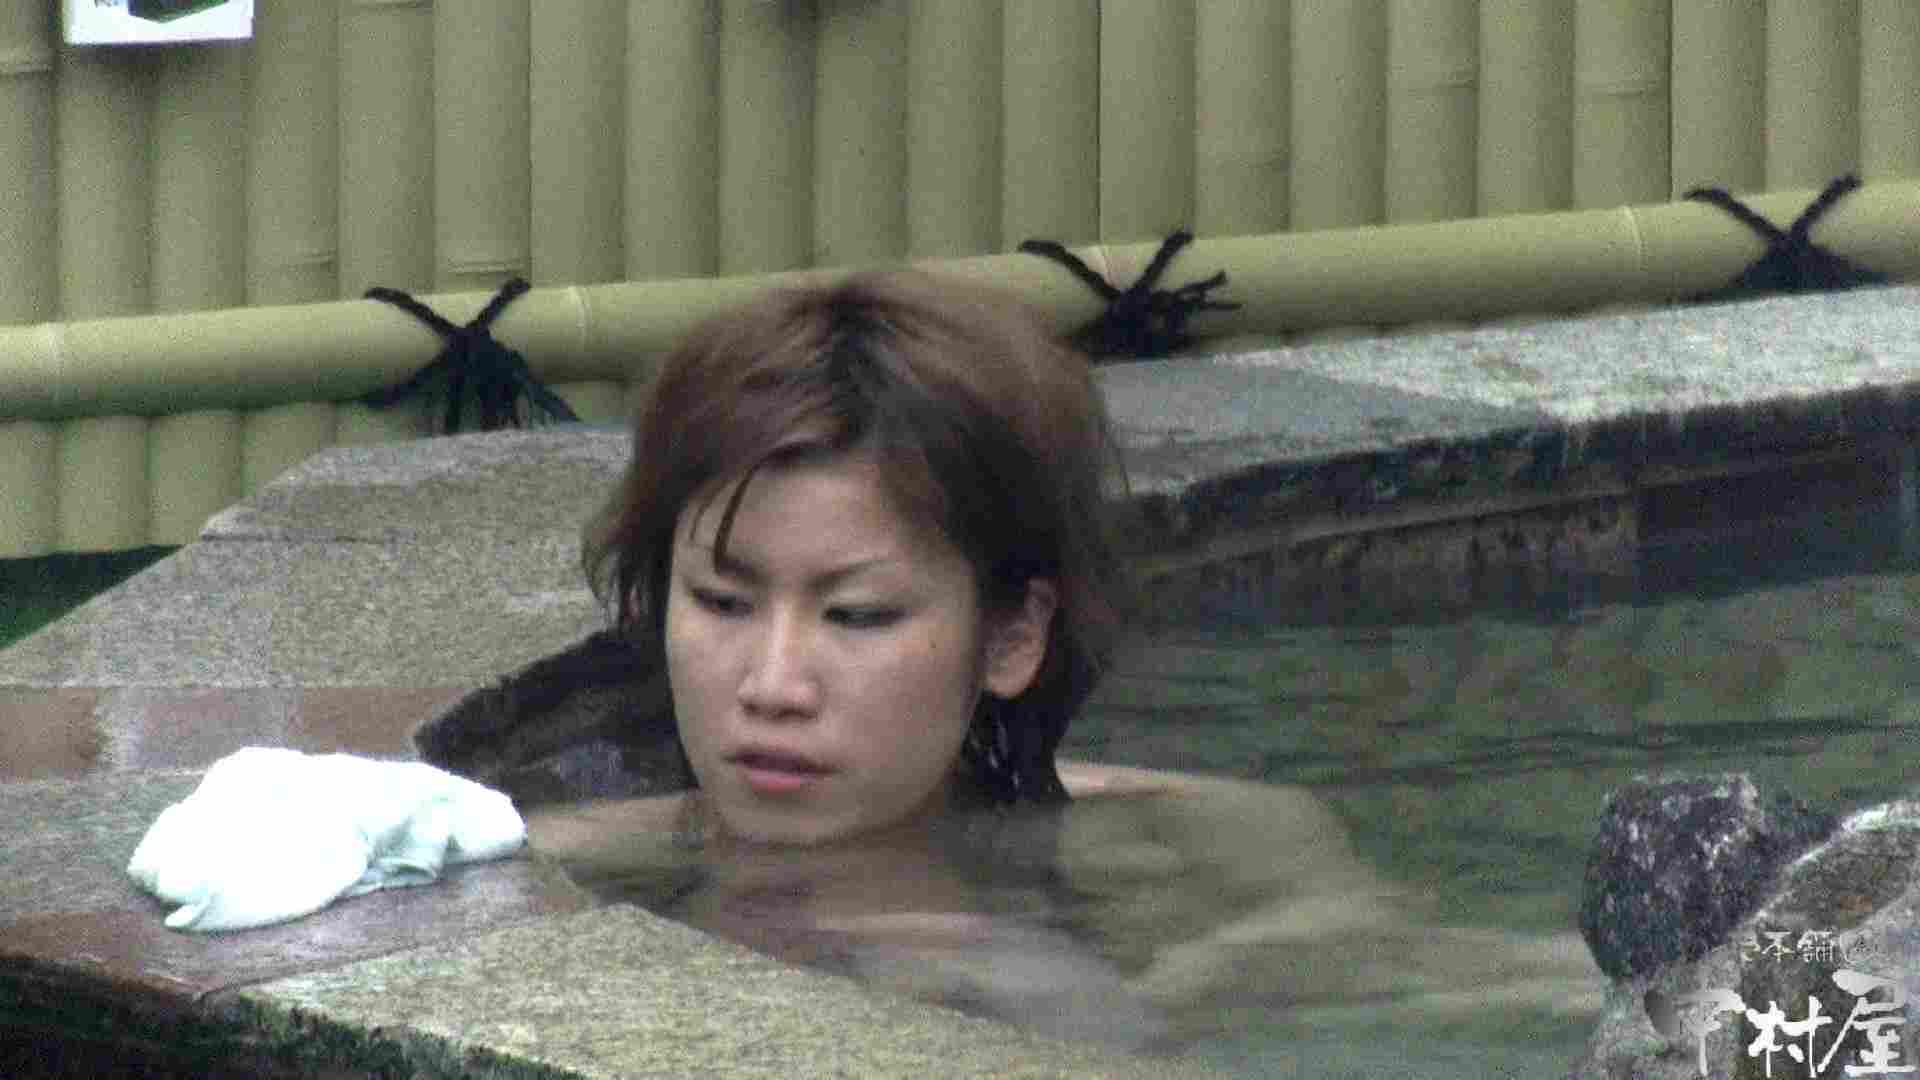 Aquaな露天風呂Vol.918 盗撮師作品 | 美しいOLの裸体  75pic 61